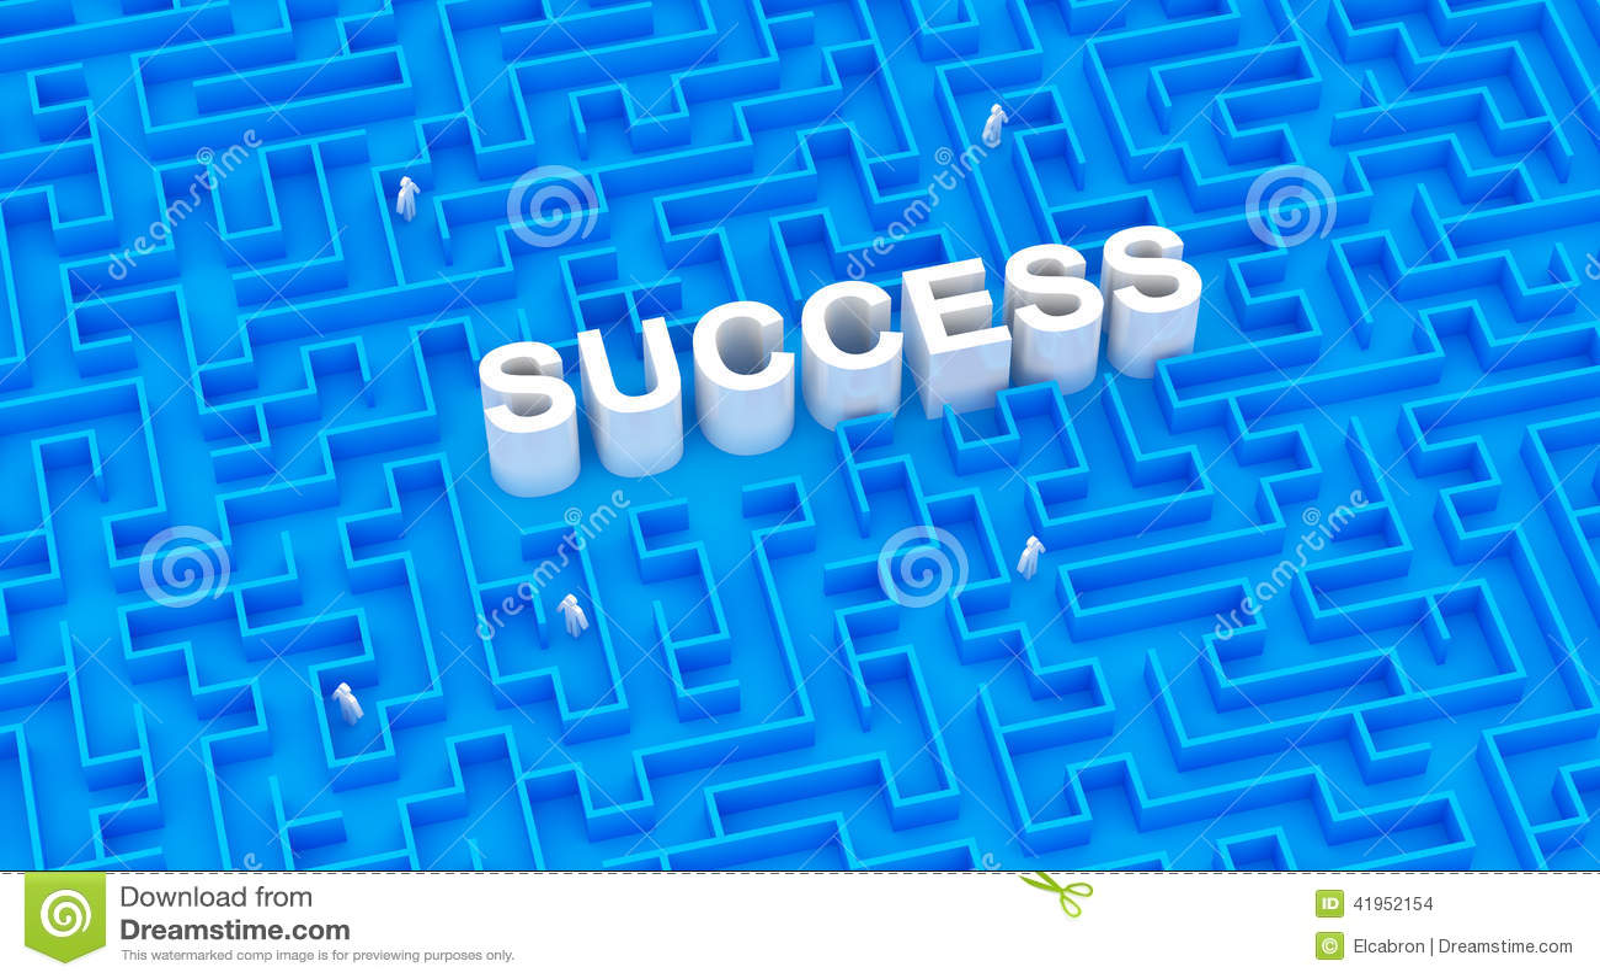 Kreatywnie pojęcie sukces